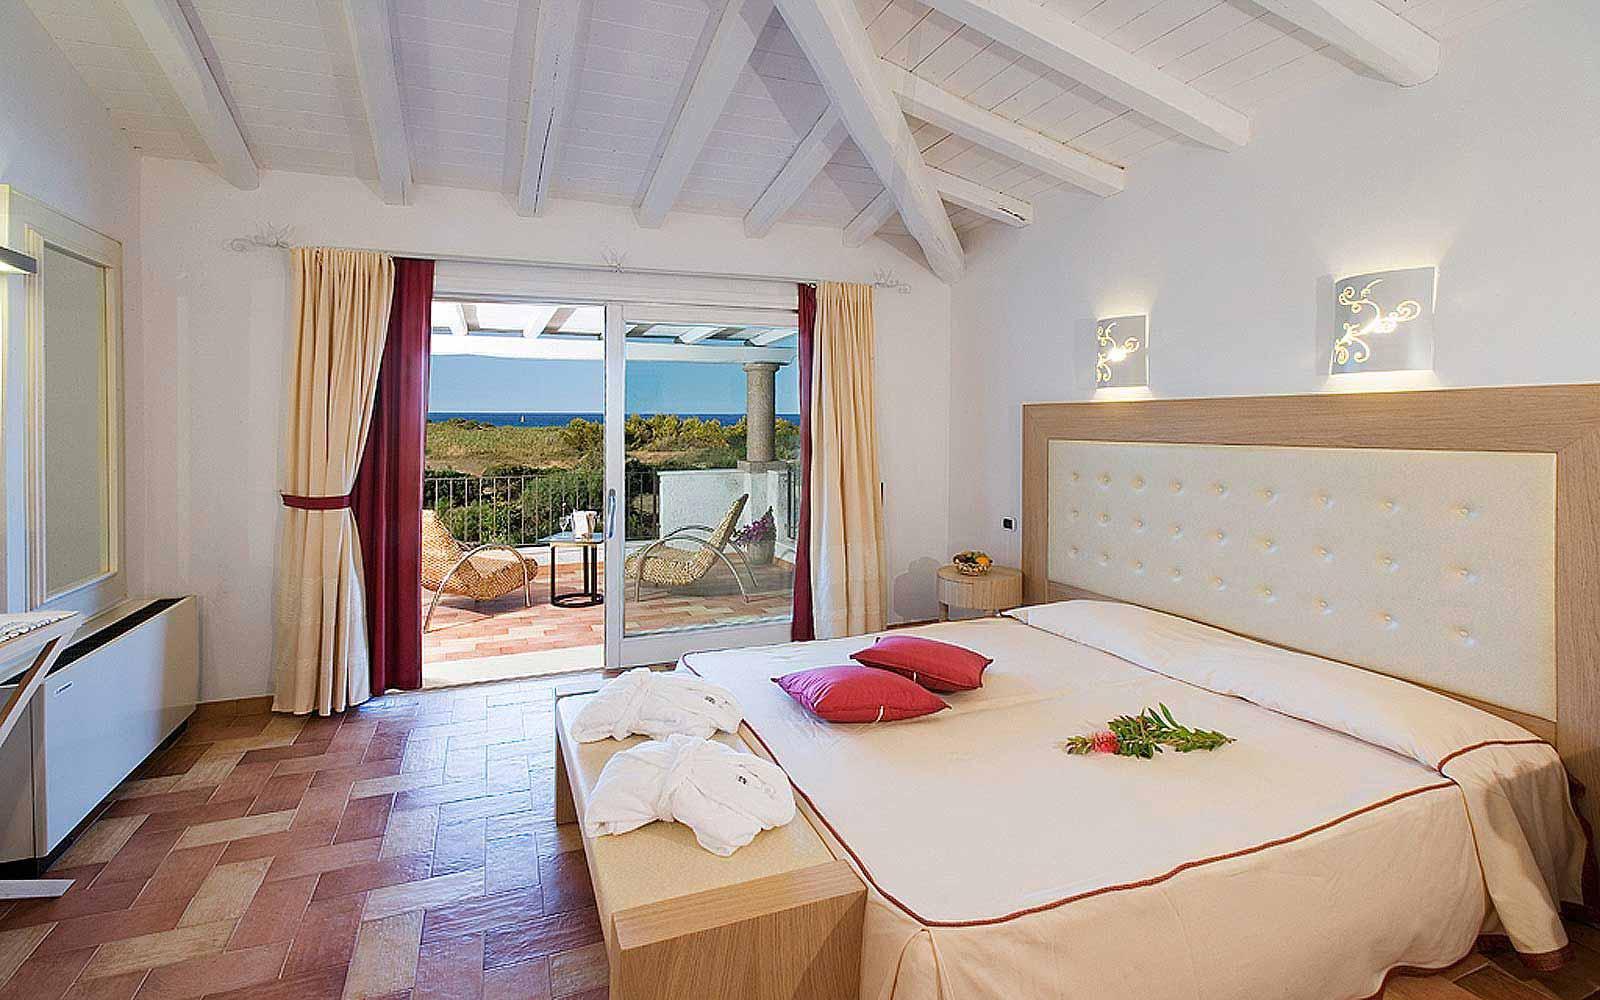 Deluxe room at Hotel Villas Resort